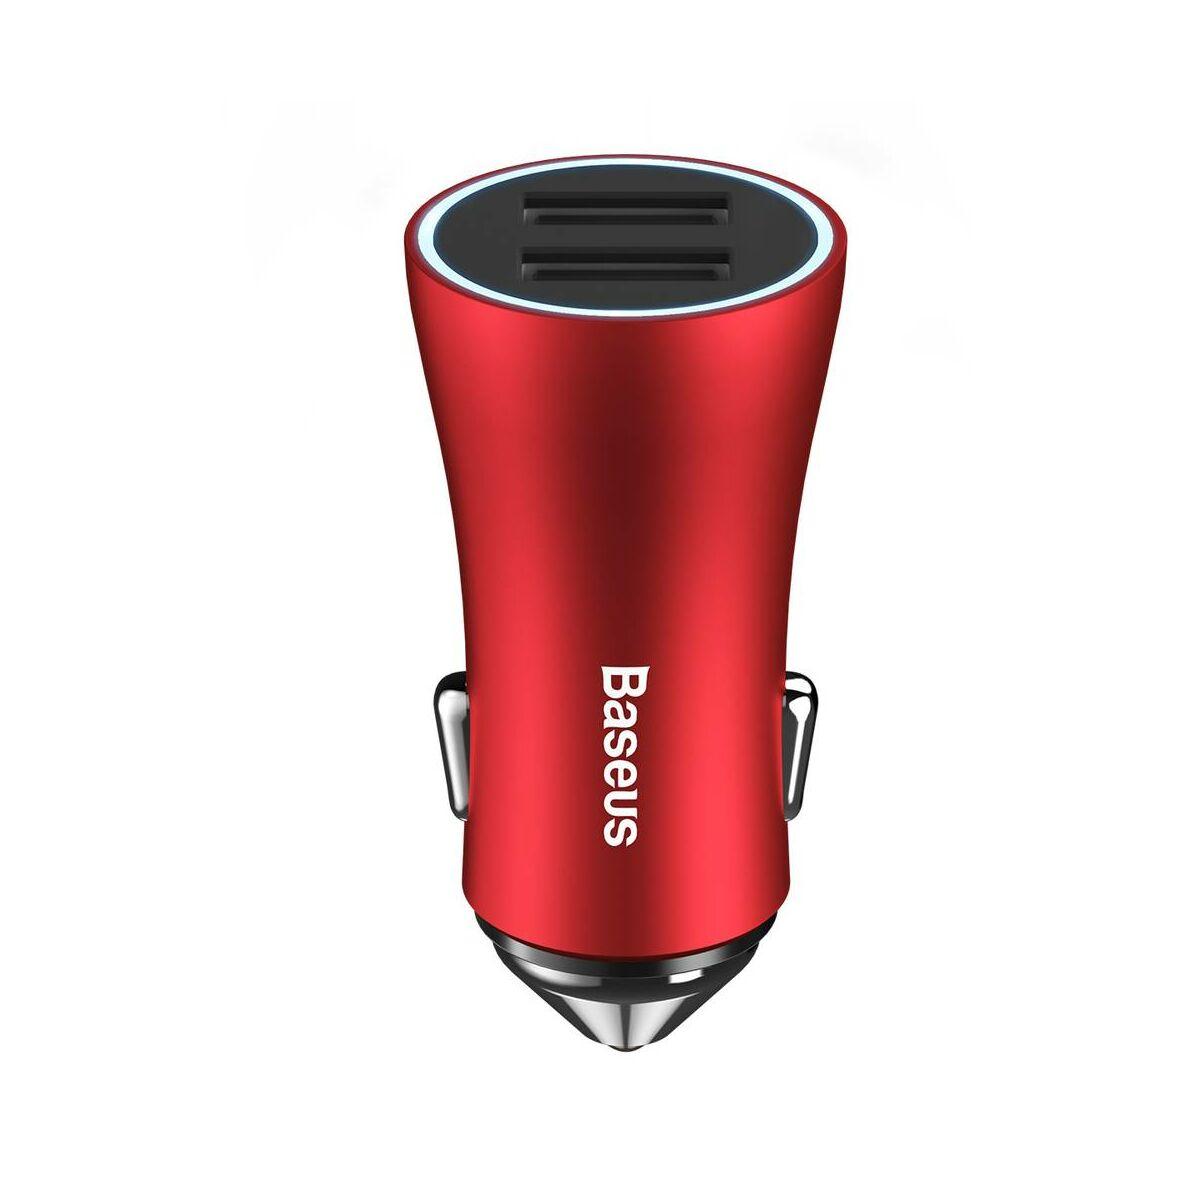 Baseus autós töltő, Golden Contactor Dupla USB intelligens, 2.4A, piros (CCALL-DZ09)